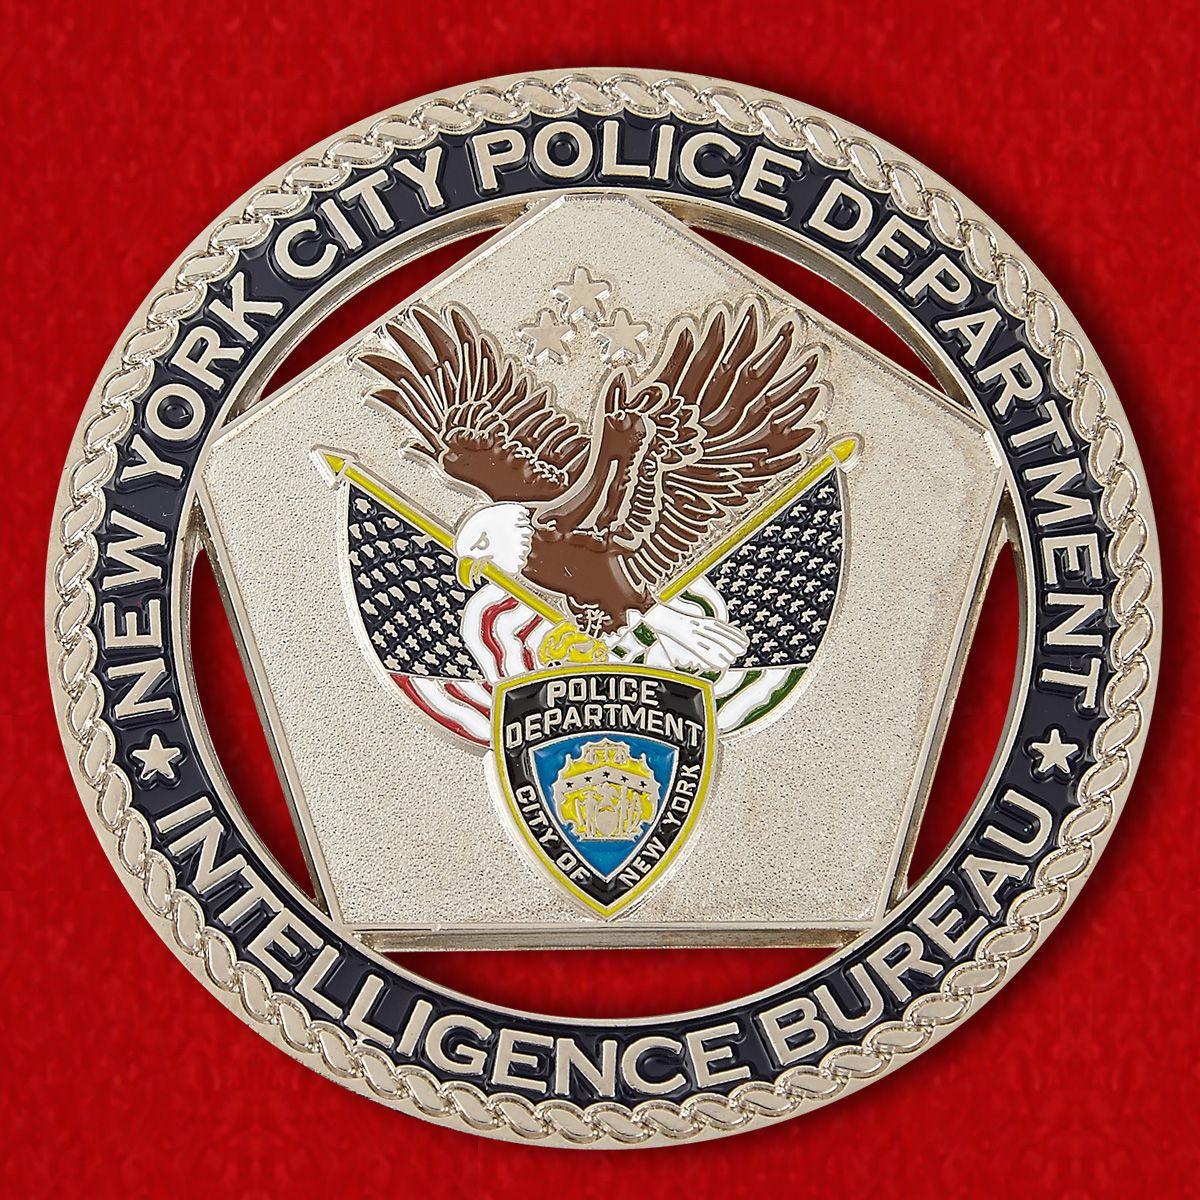 Челлендж коин Разведывательного бюро полиции Нью-Йорка